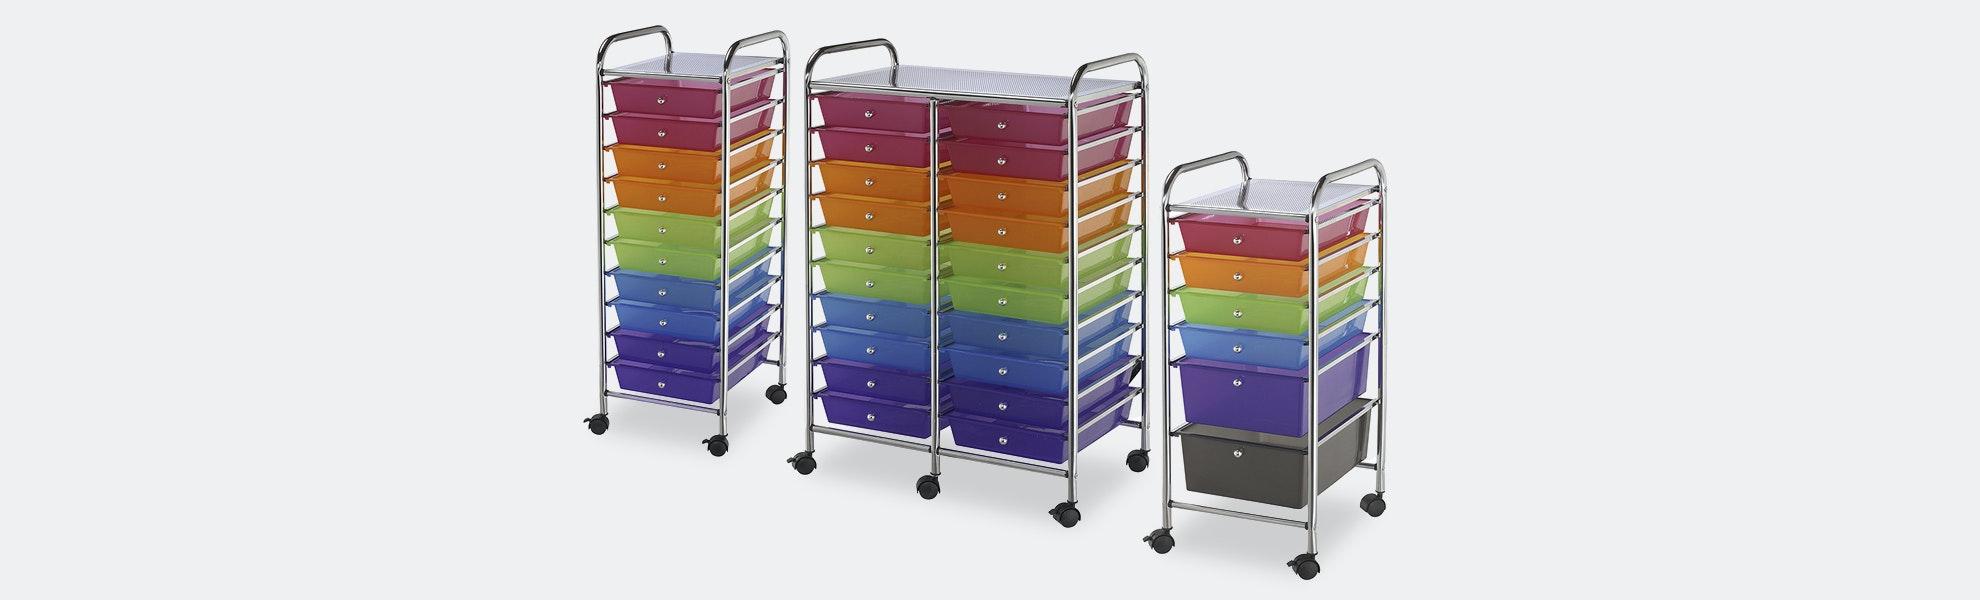 Alvin Storage Cart